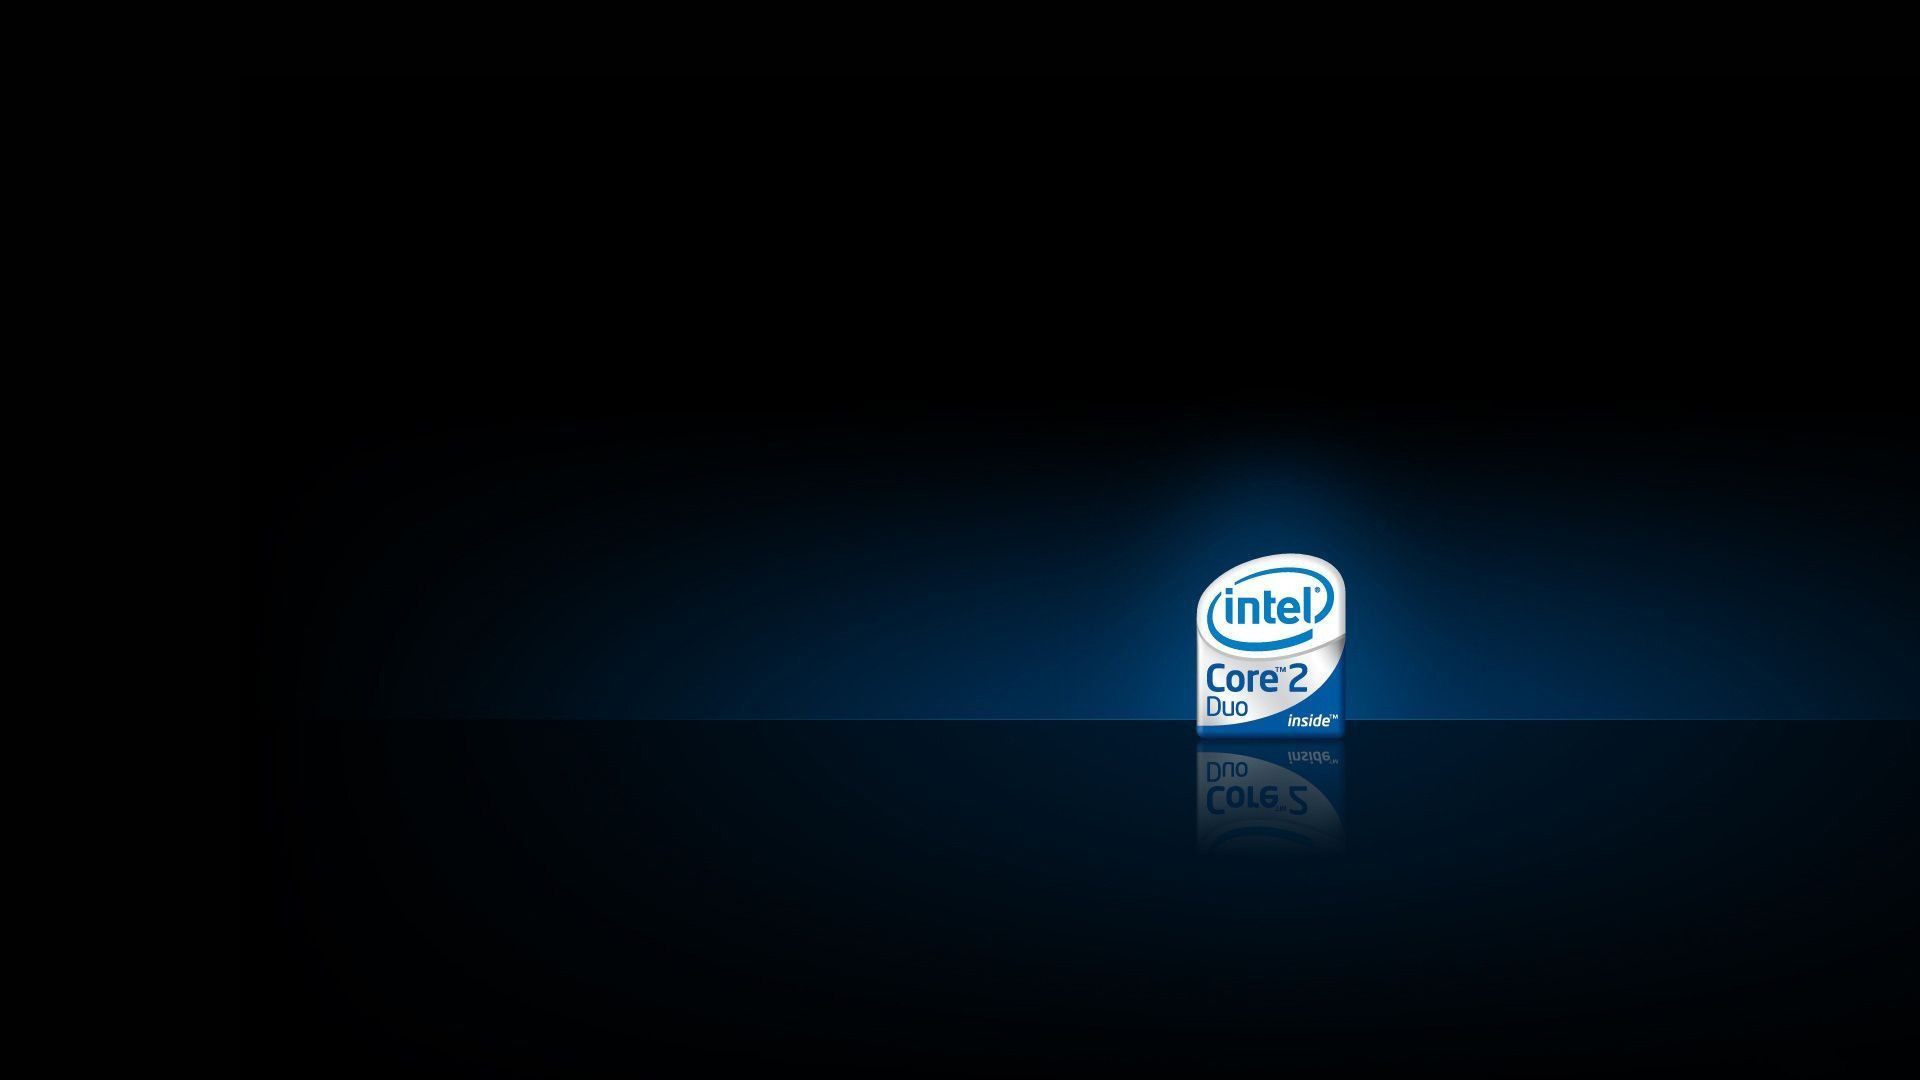 Res: 1920x1080, Intel Processor Core 2 Duo Logo Desktop Wallpaper Uploaded by tcherniy